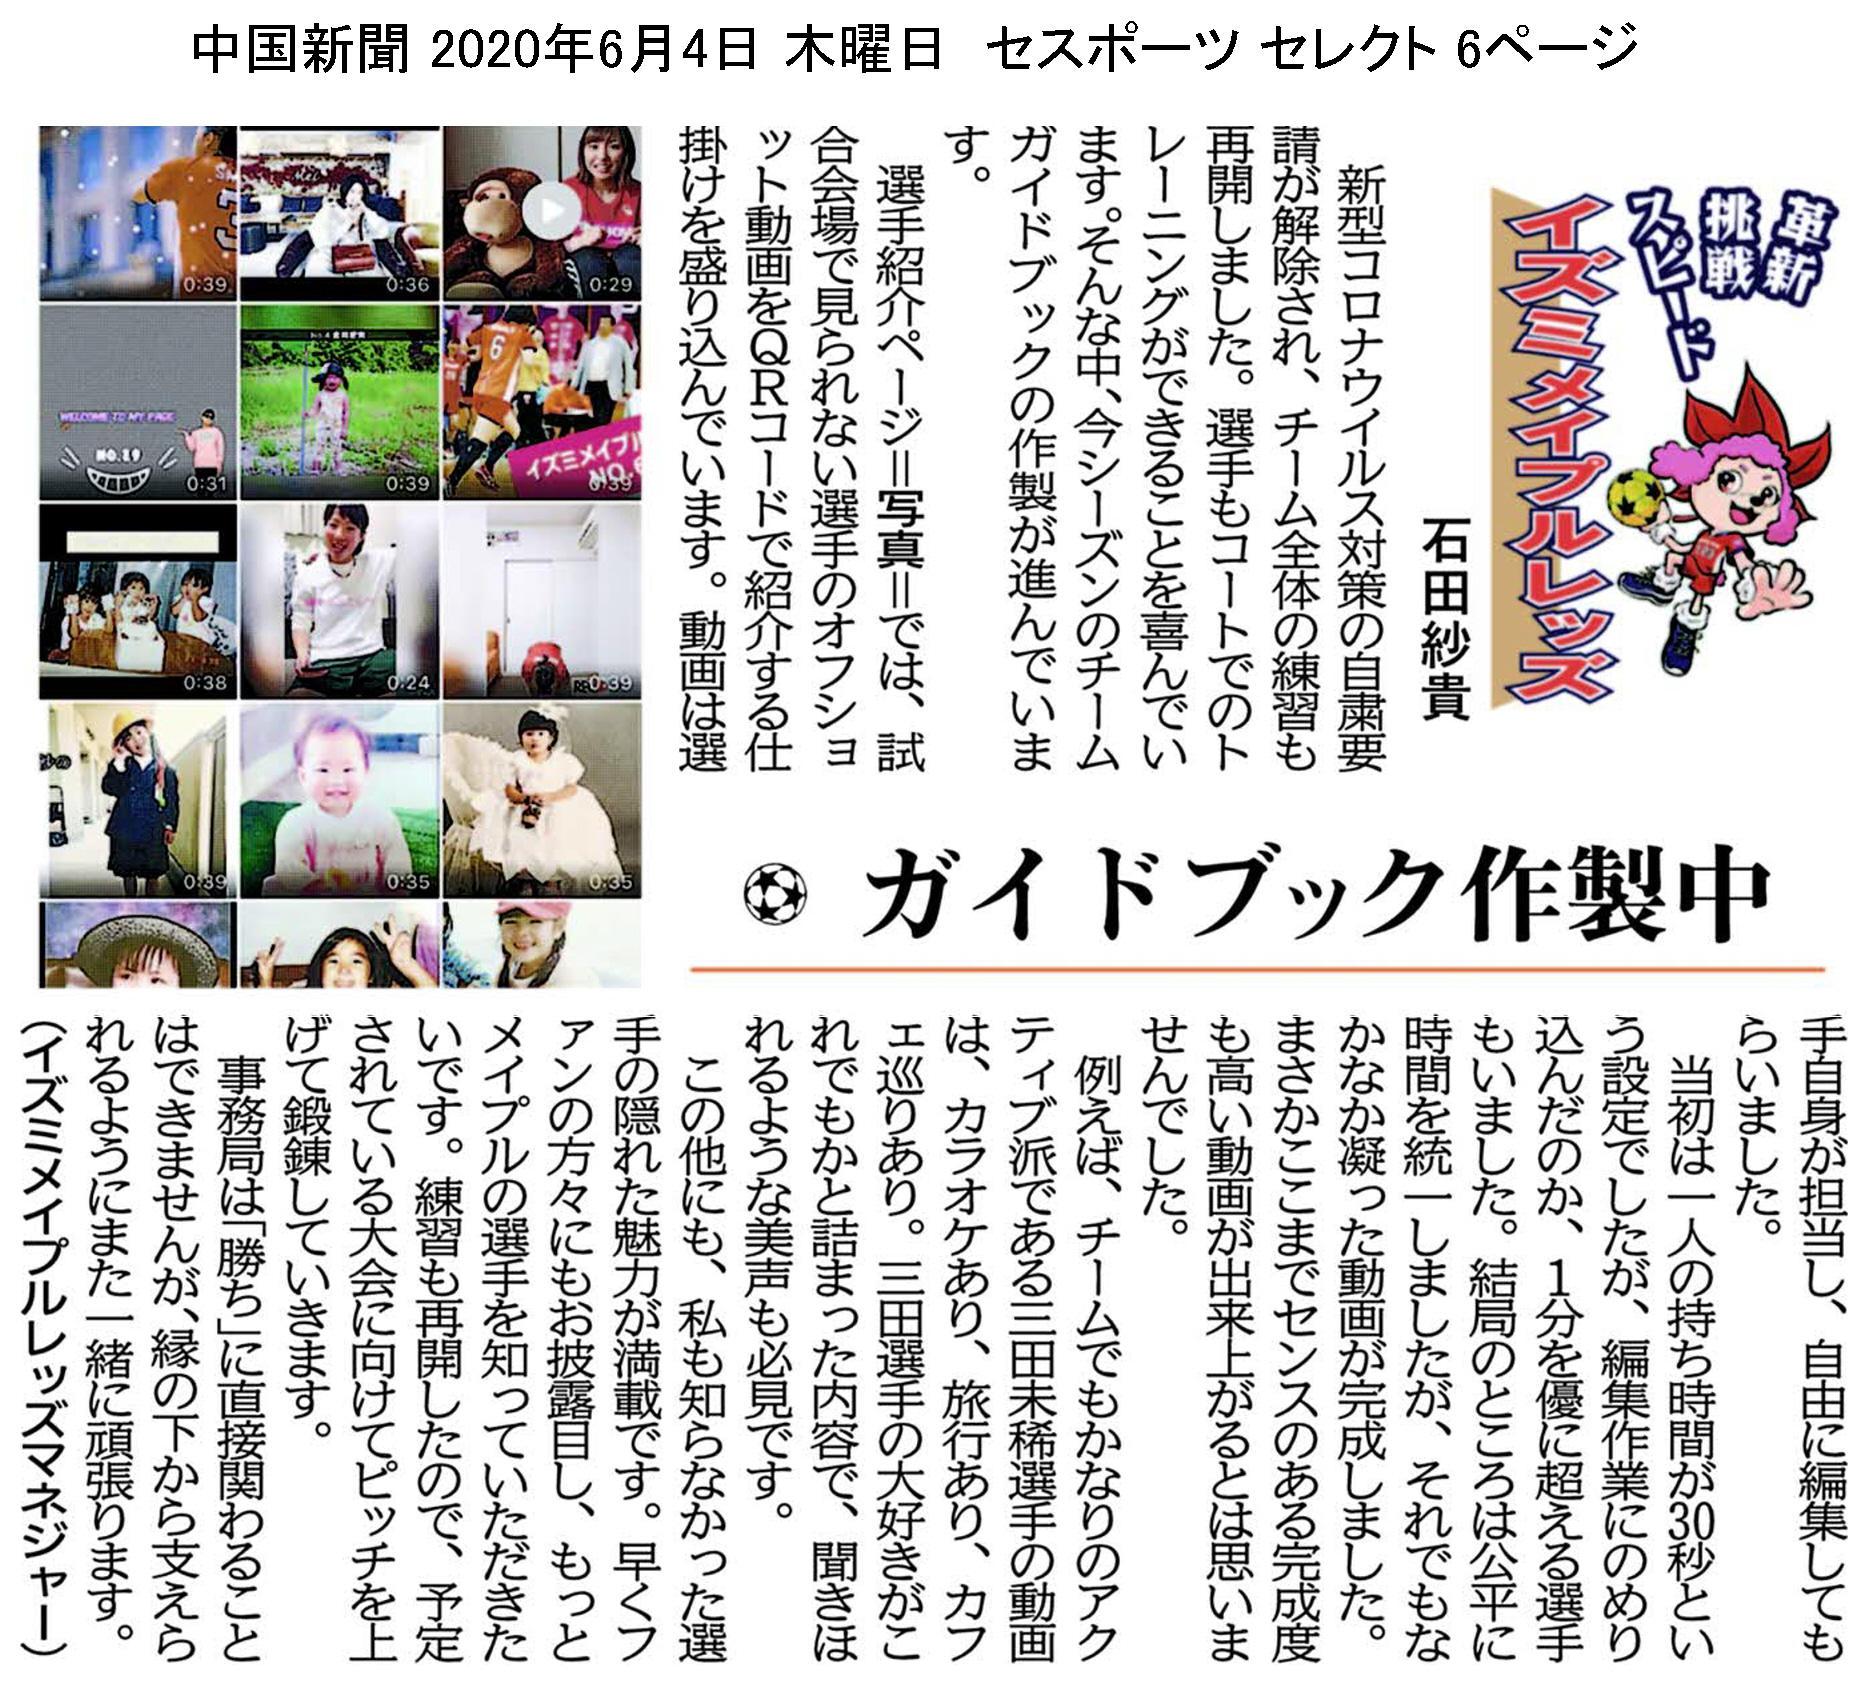 中国新聞セレクト版 イズミメイプルレッズコラム 2020年6月掲載分 イメージ